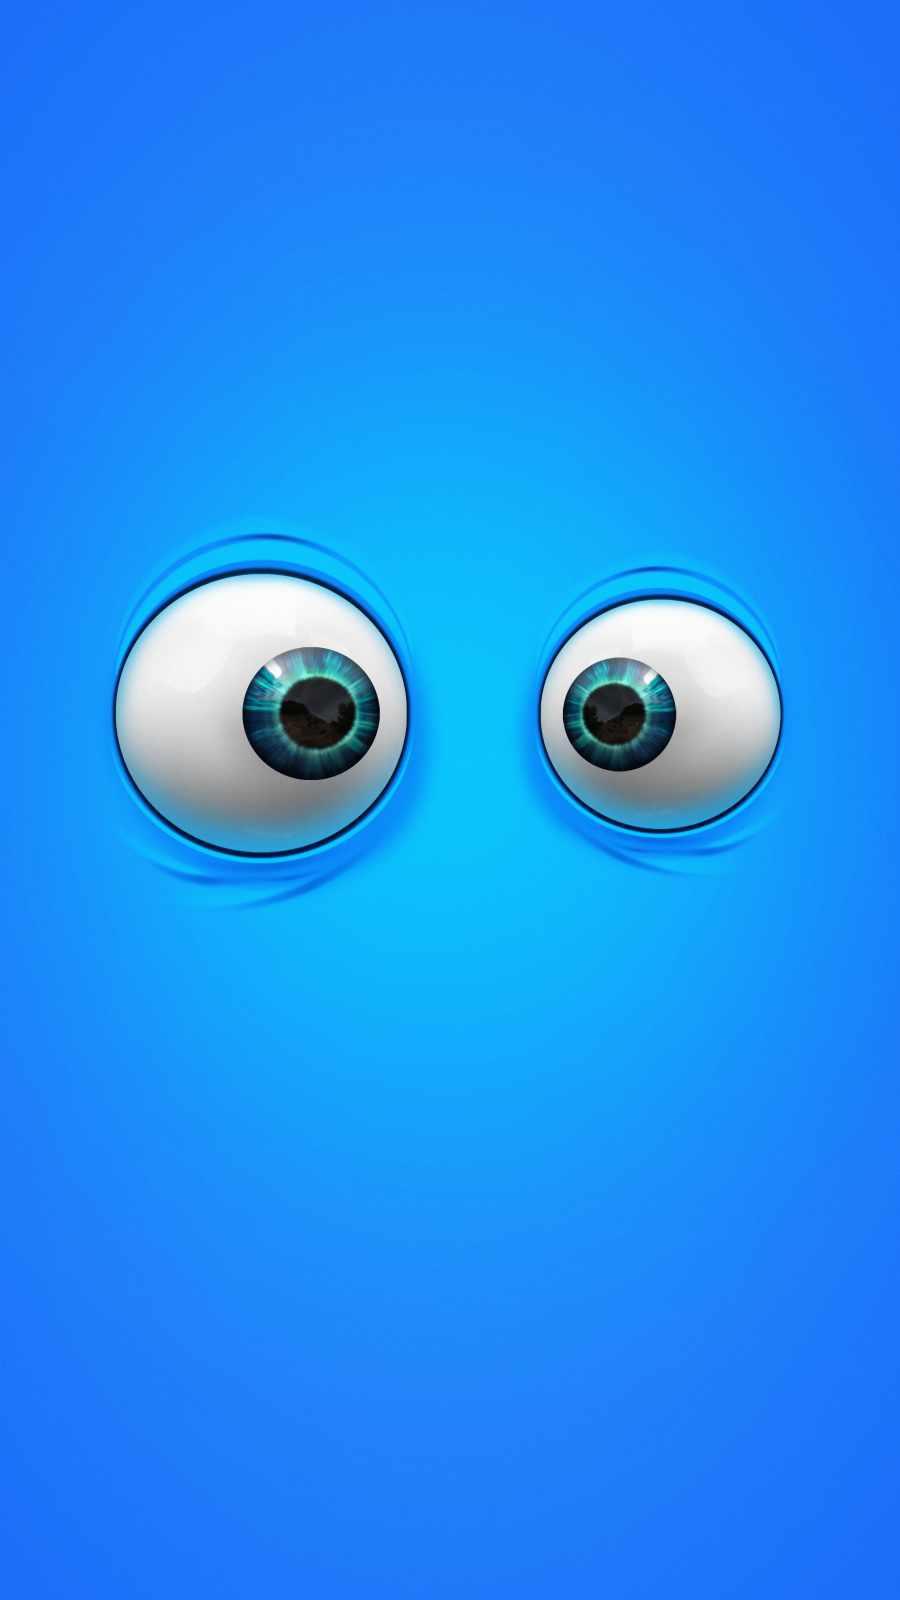 iPhone Eyes